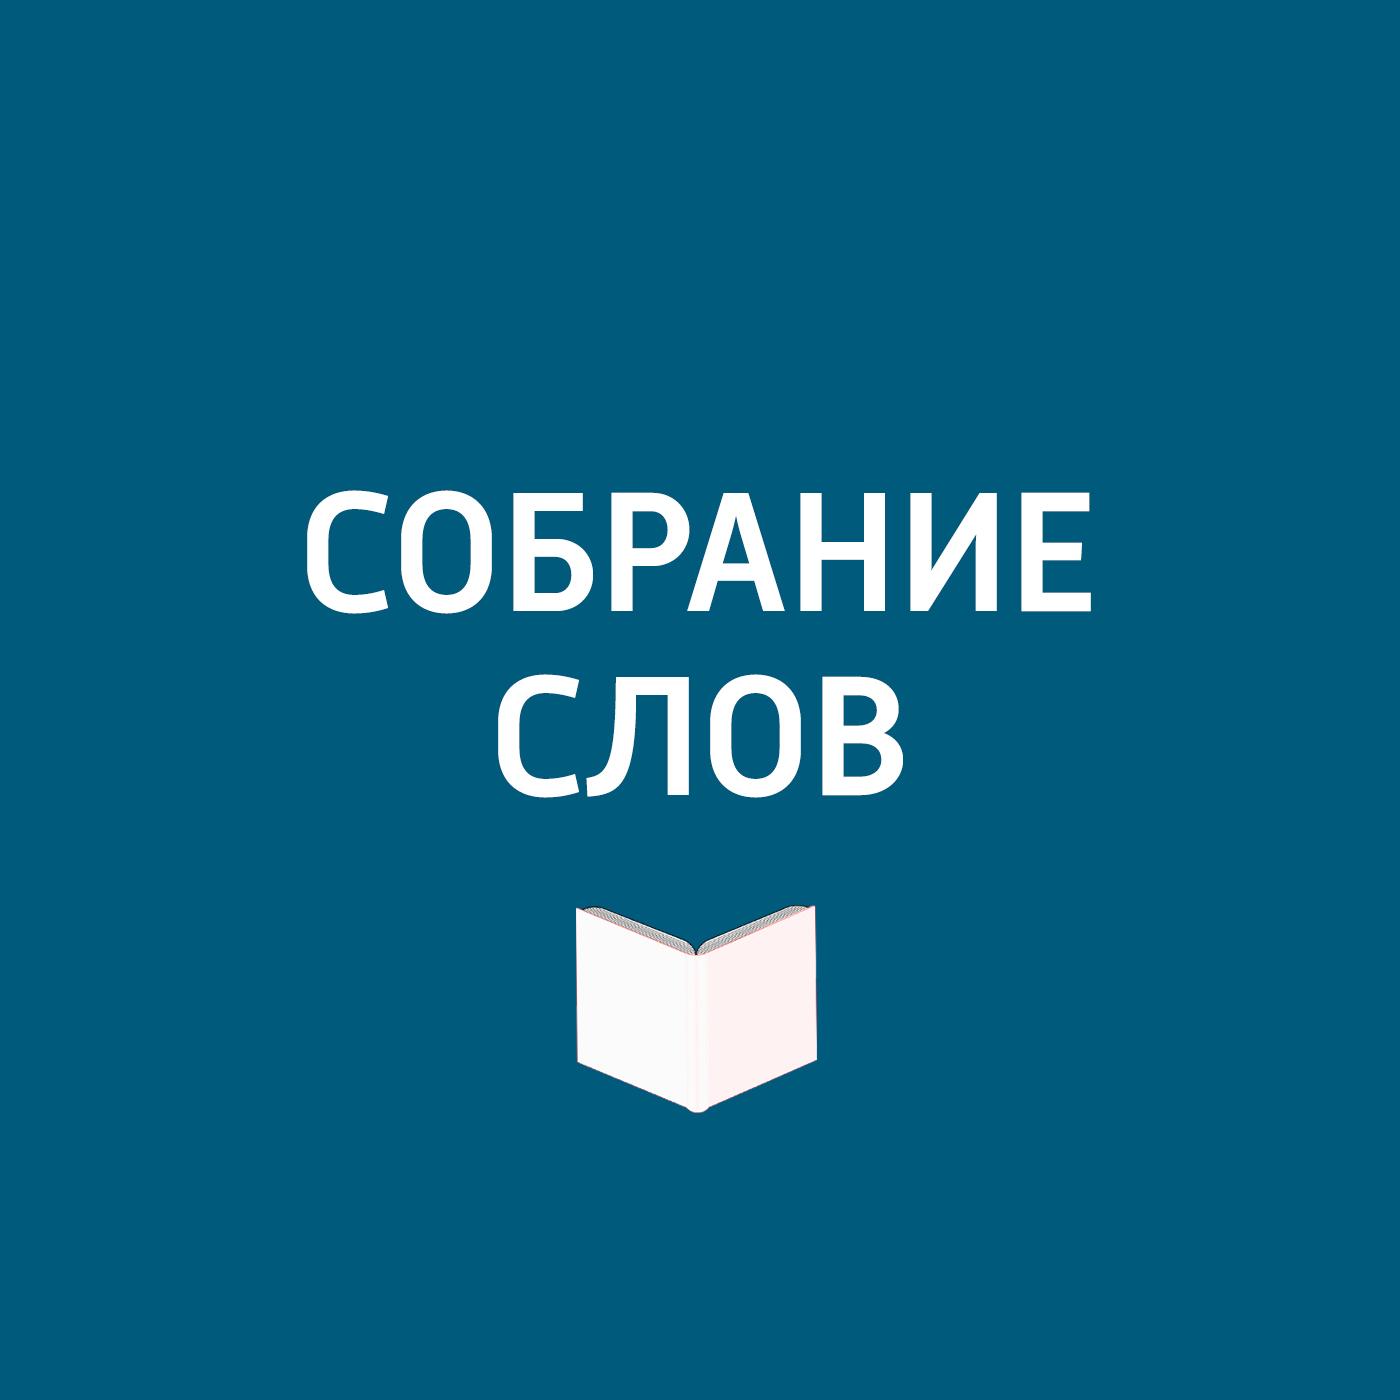 все цены на Творческий коллектив программы «Собрание слов» Большое интервью Агриппины Стекловой онлайн